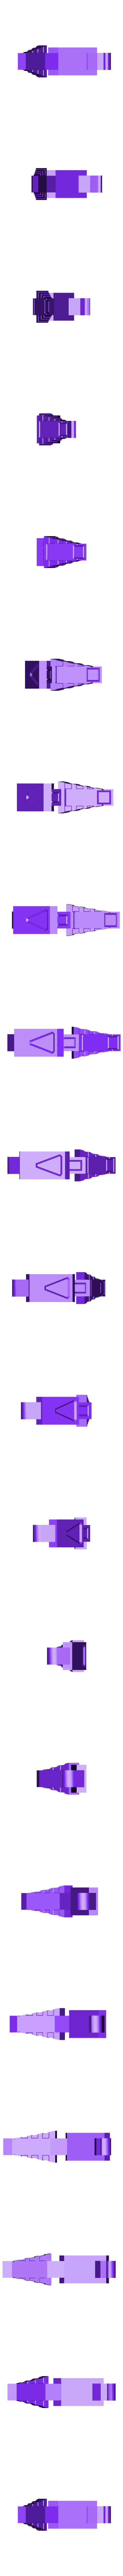 LEG-lower.STL Télécharger fichier STL gratuit Cybran T2 Destroyer - Salem Class • Plan à imprimer en 3D, Steyrc